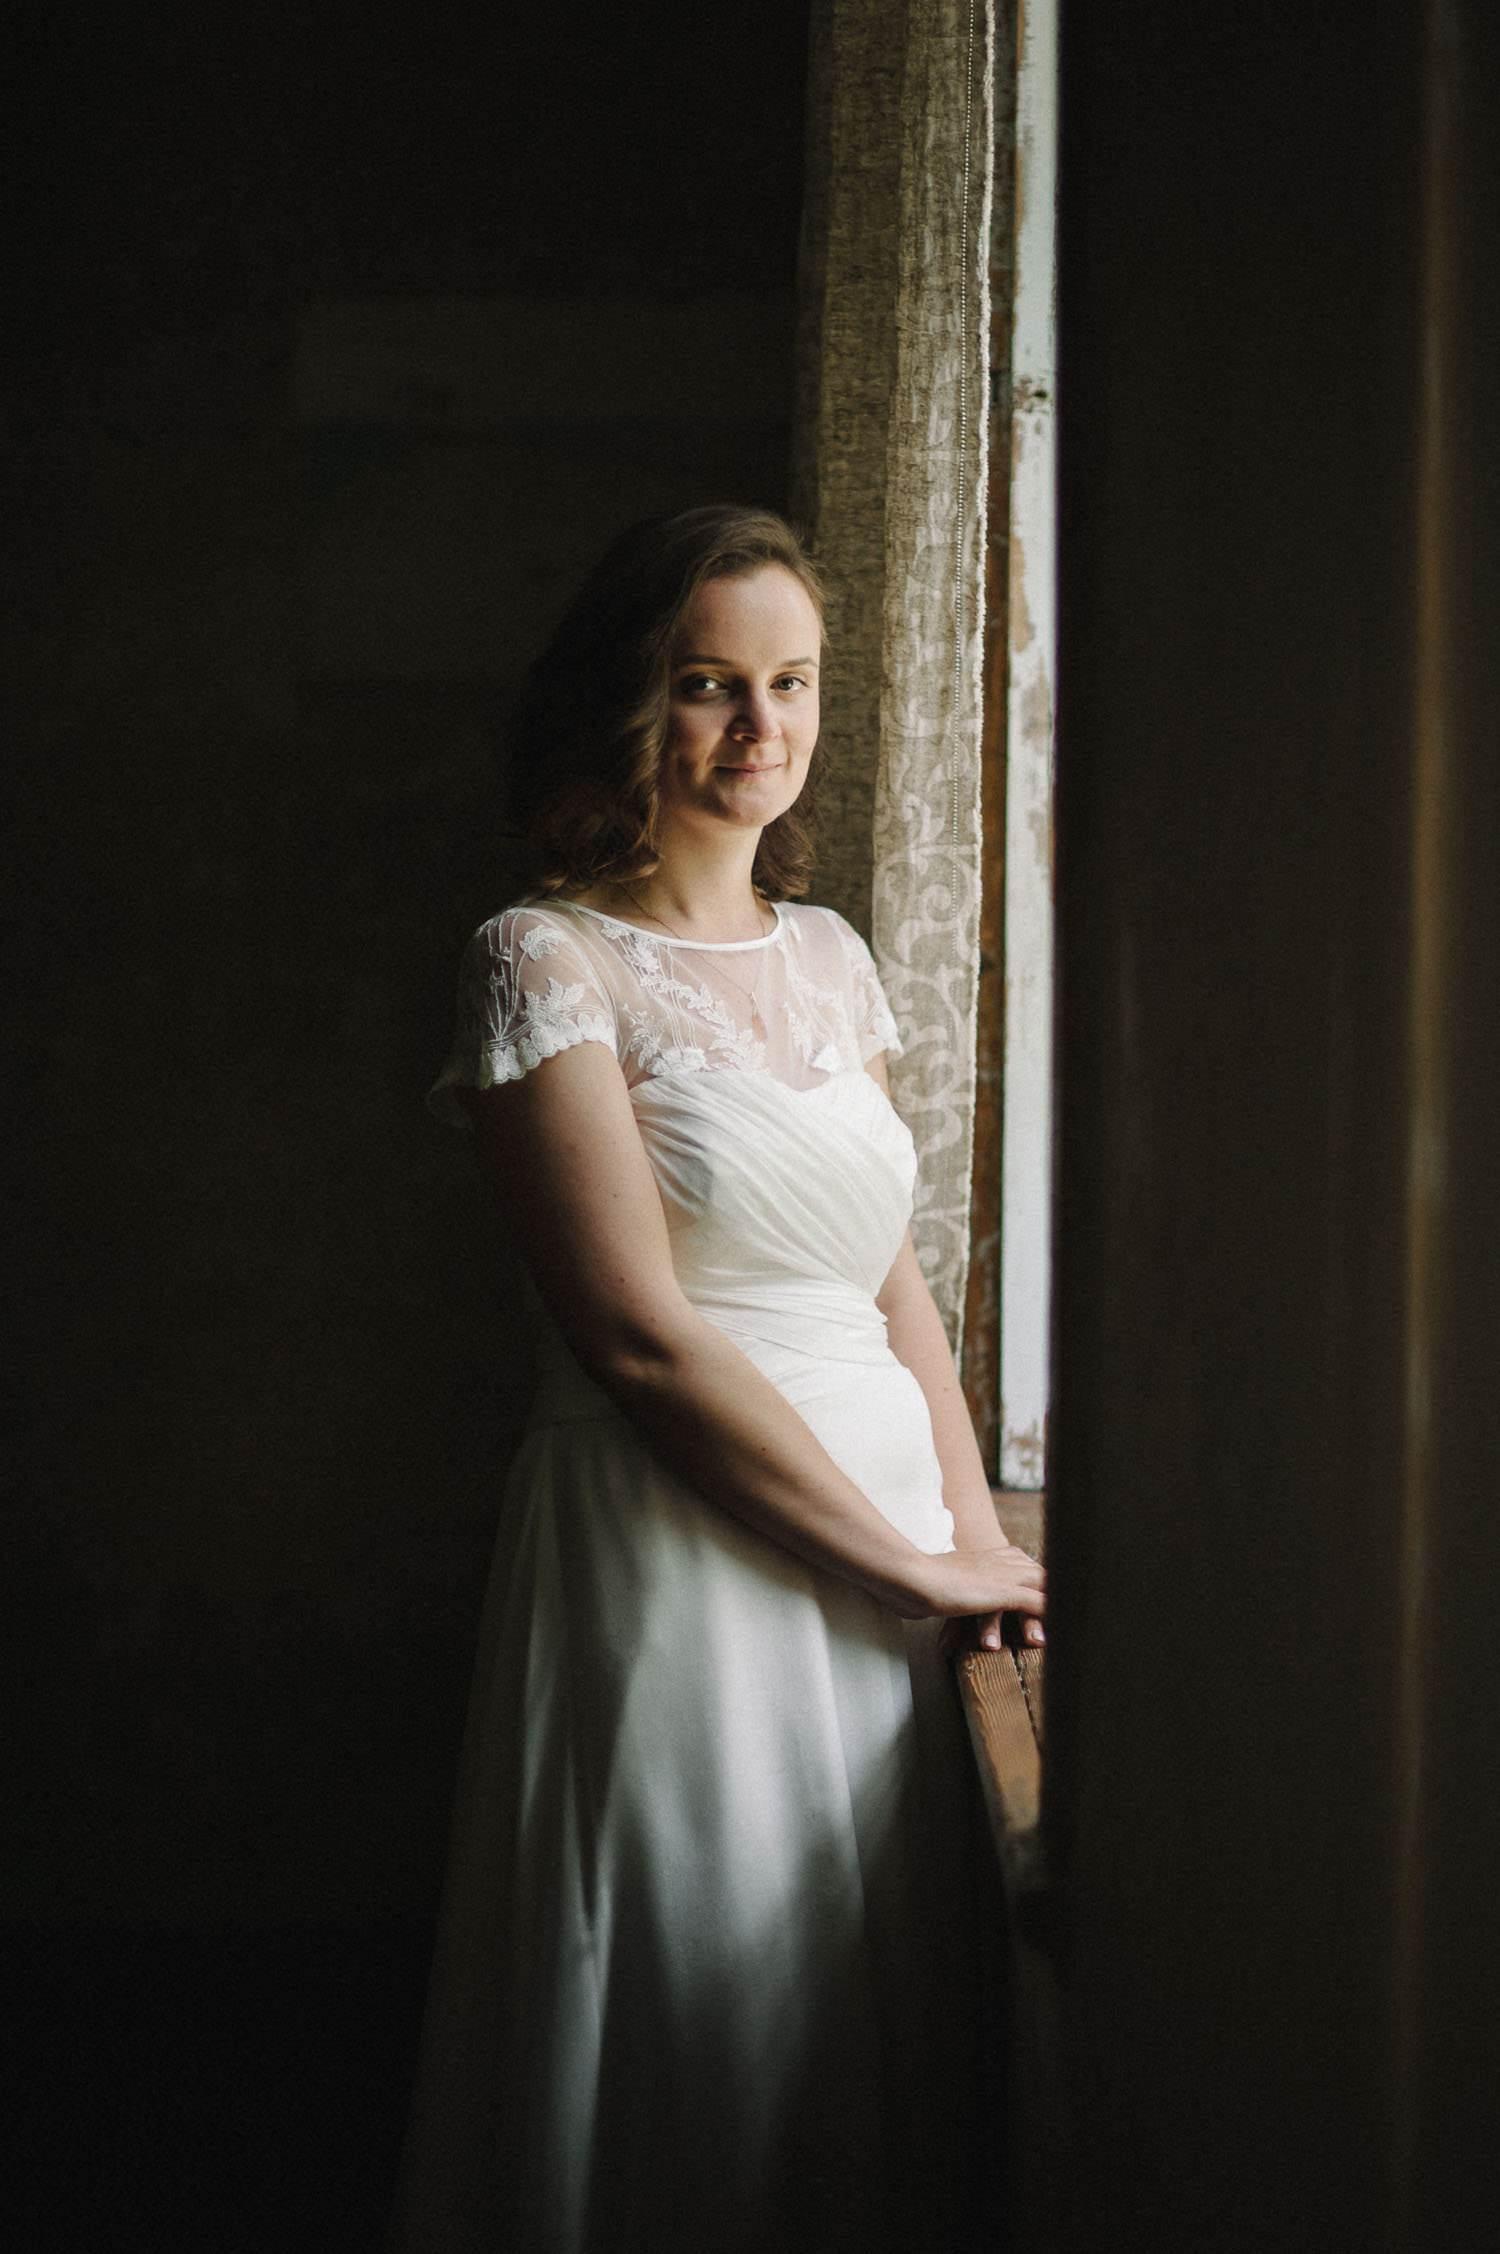 Eglės portretas prie lango Jakiškių dvare. Jaunoji dvelkia nepajudinama ramybe